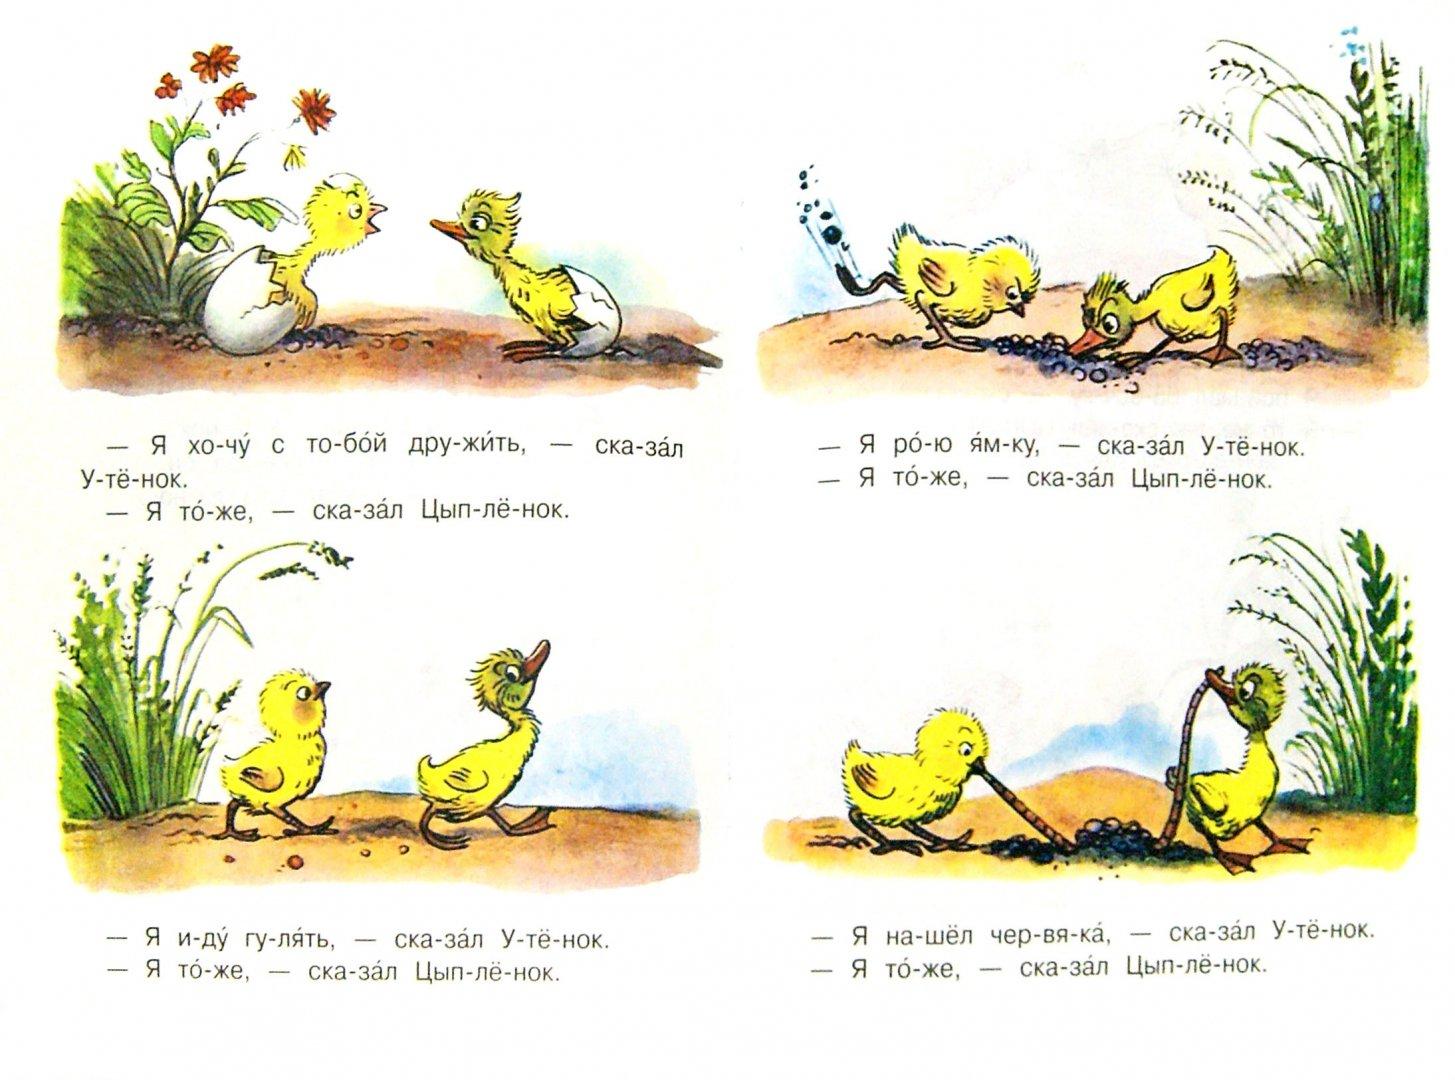 Иллюстрация 1 из 14 для Цыплёнок и Утёнок - Владимир Сутеев | Лабиринт - книги. Источник: Лабиринт